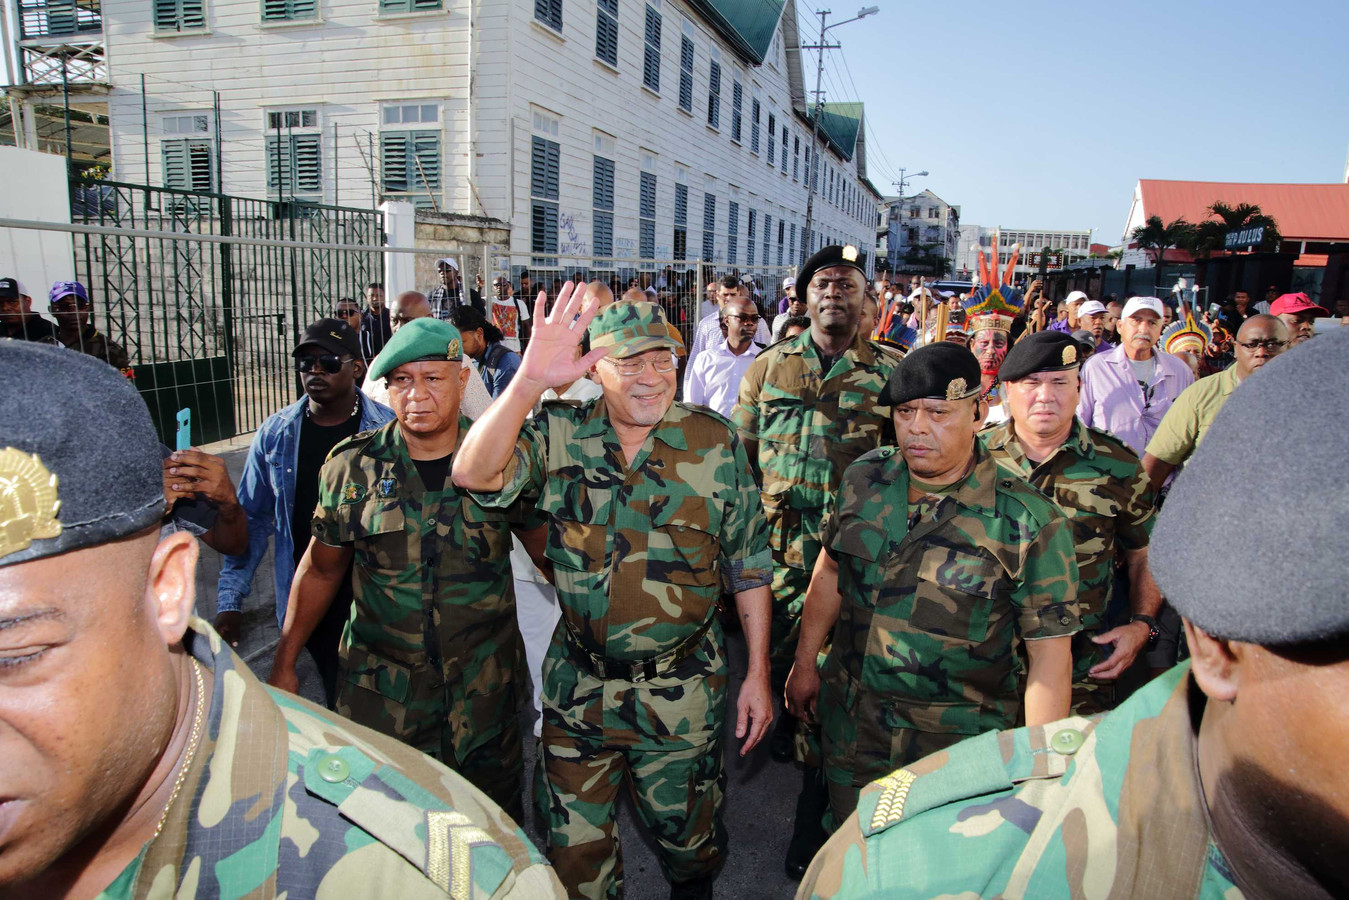 Desi Bouterse verscheen in januari dit jaar in militair uniform voor de Krijgsraad. Hij onderstreepte daarmee zijn positie als opperbevelhebber van het leger.